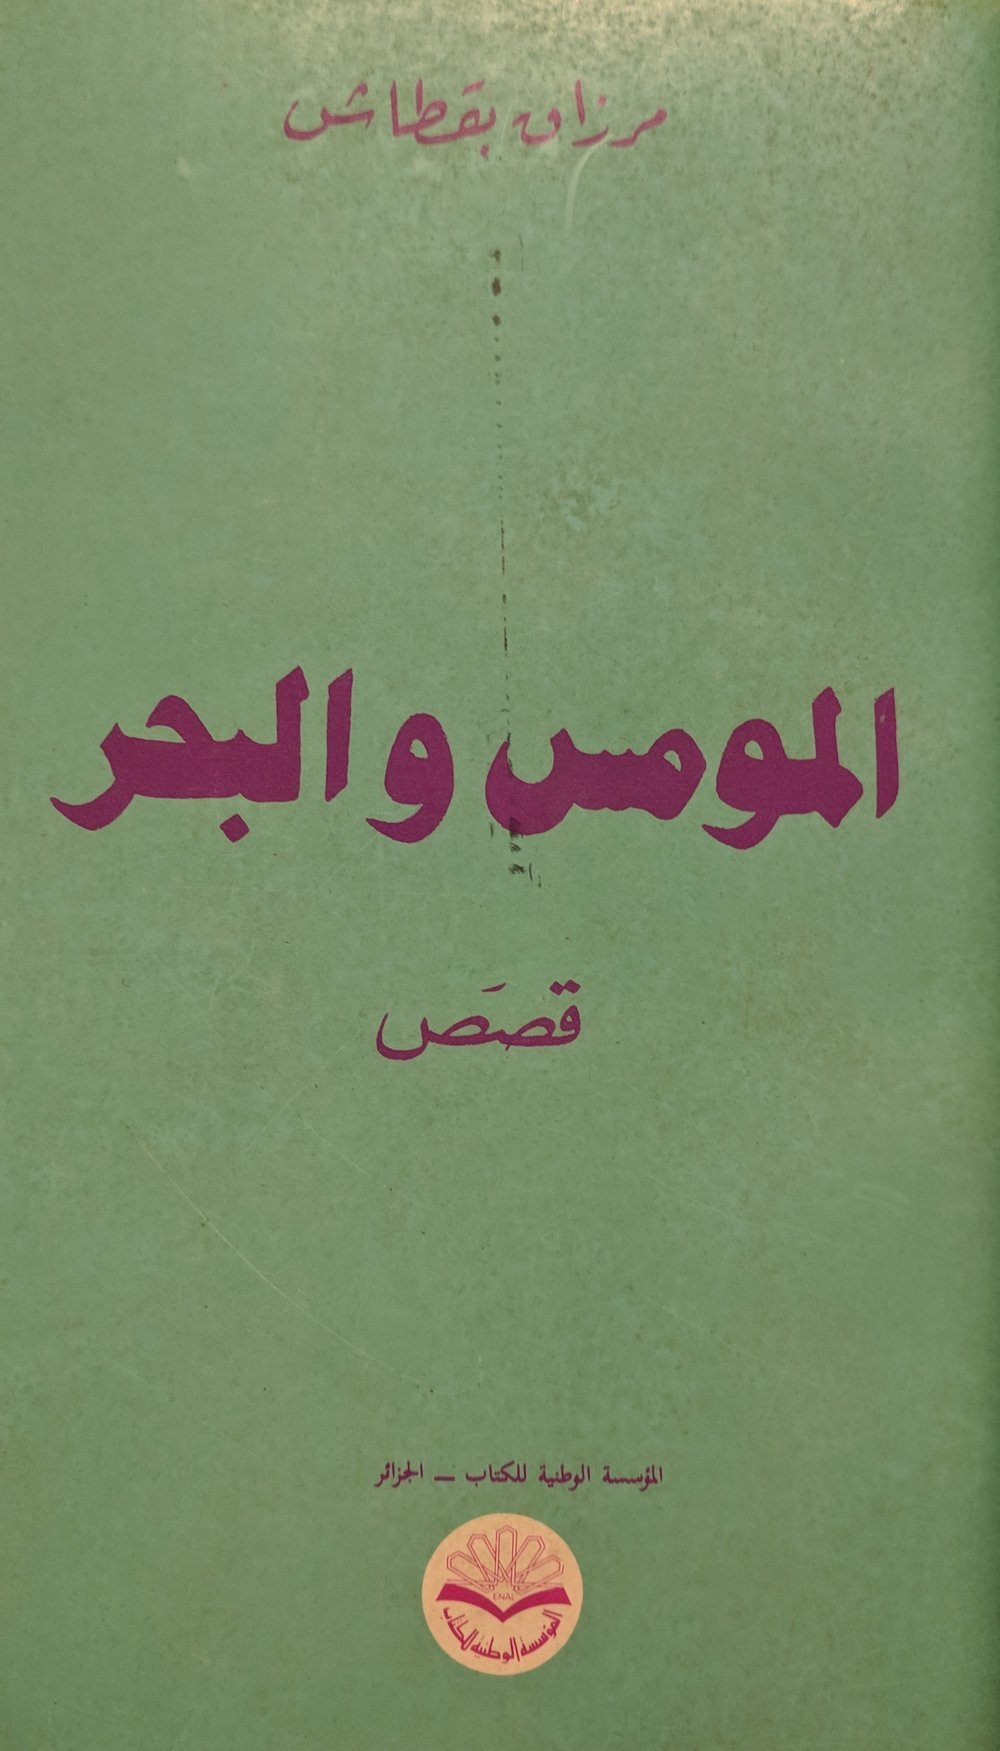 Mirzāq Biqṭāsh (al-Jazā'ir : al-Mu'assasah al-Waṭaniyyah li-l-Kitāb, 1986)